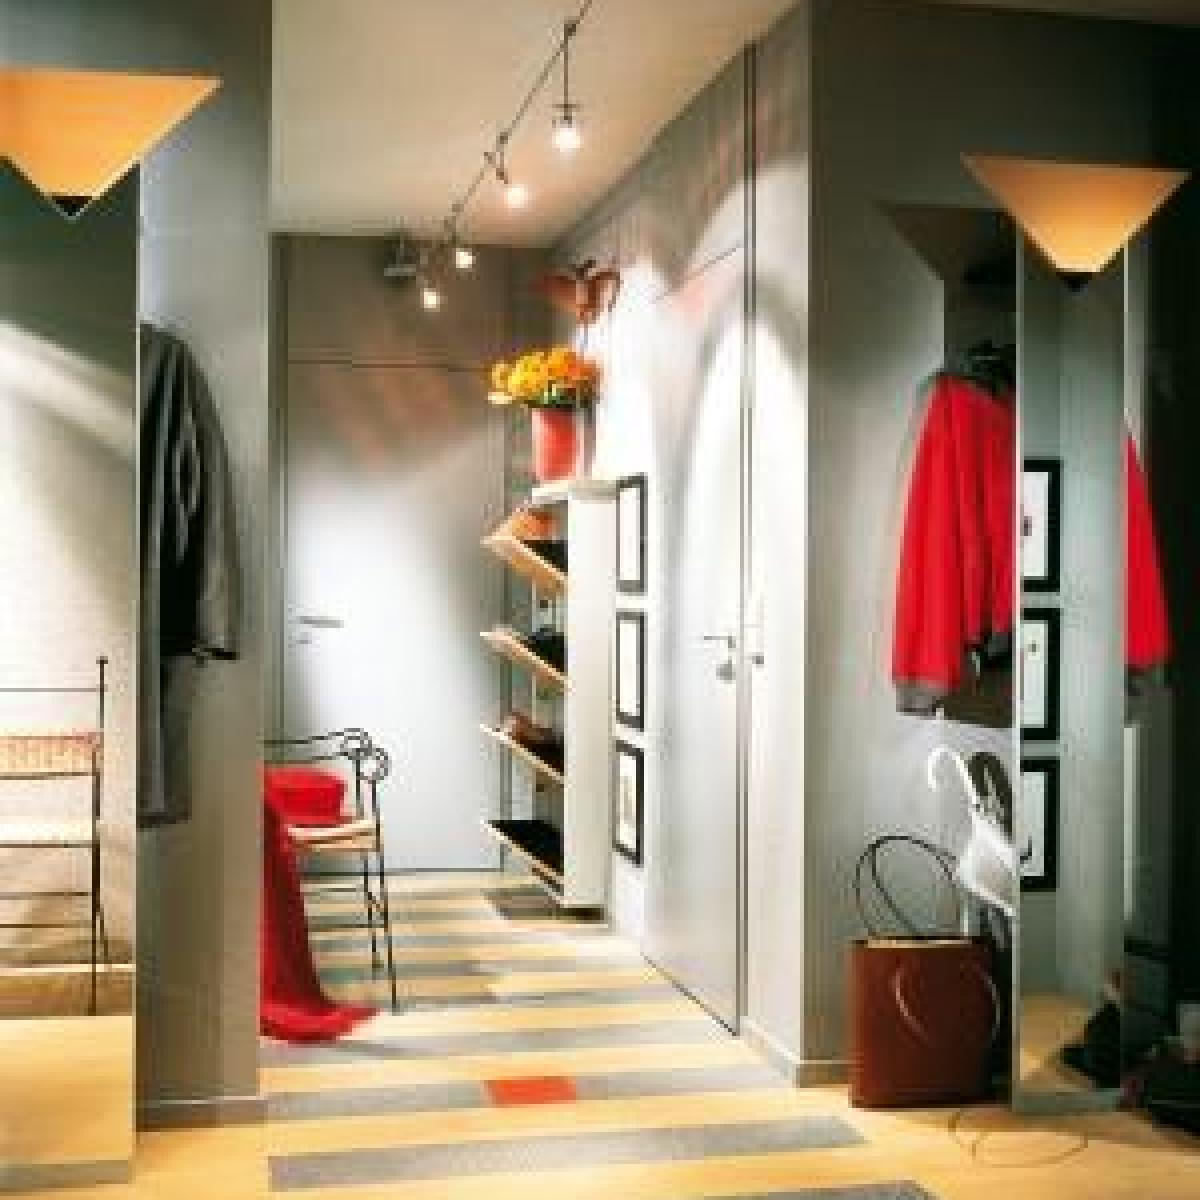 mehr als ein durchgangszimmer: den flur wohnlich gestalten - bauen